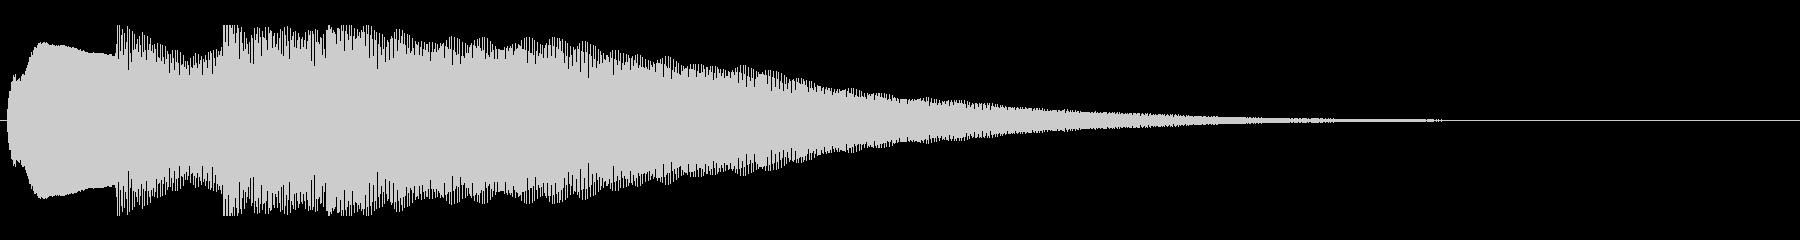 アナウンス前 チャイム-1_dryの未再生の波形